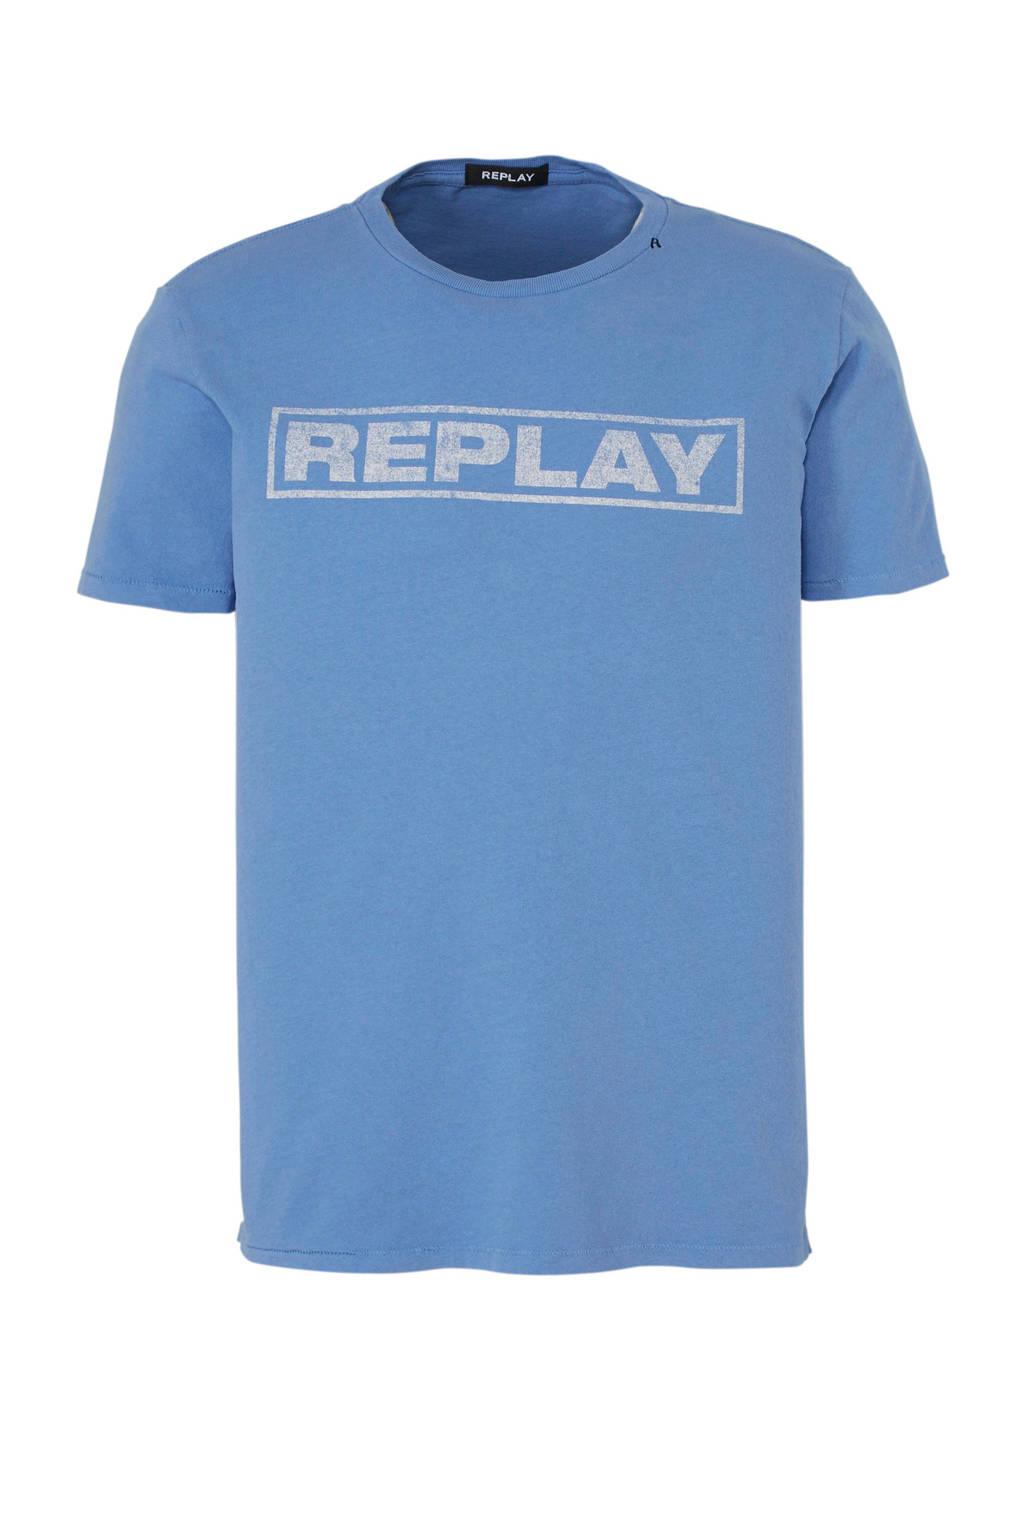 REPLAY T-shirt met print, Lichtblauw